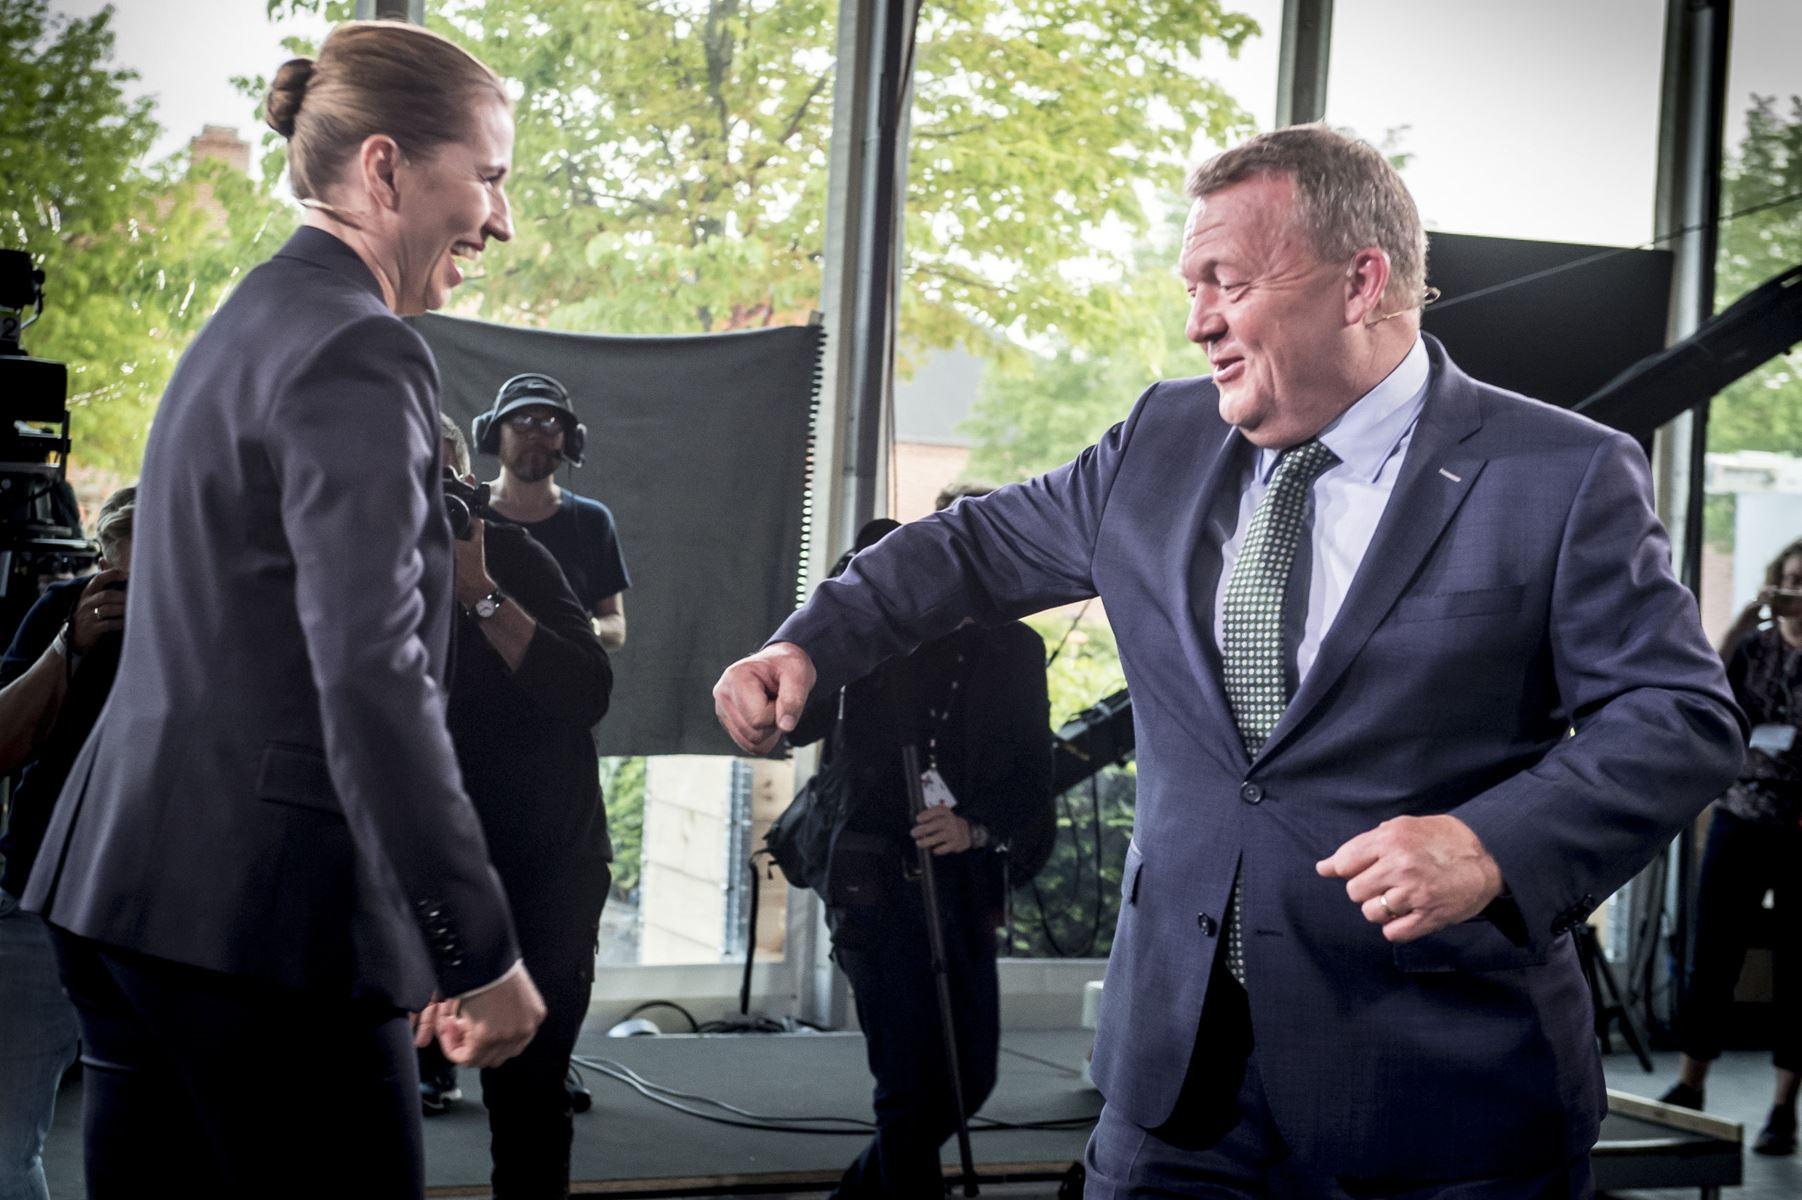 Venstre er klar til at binde sig til en reduktion af drivhusgasser med 60 procent, siger Løkke.